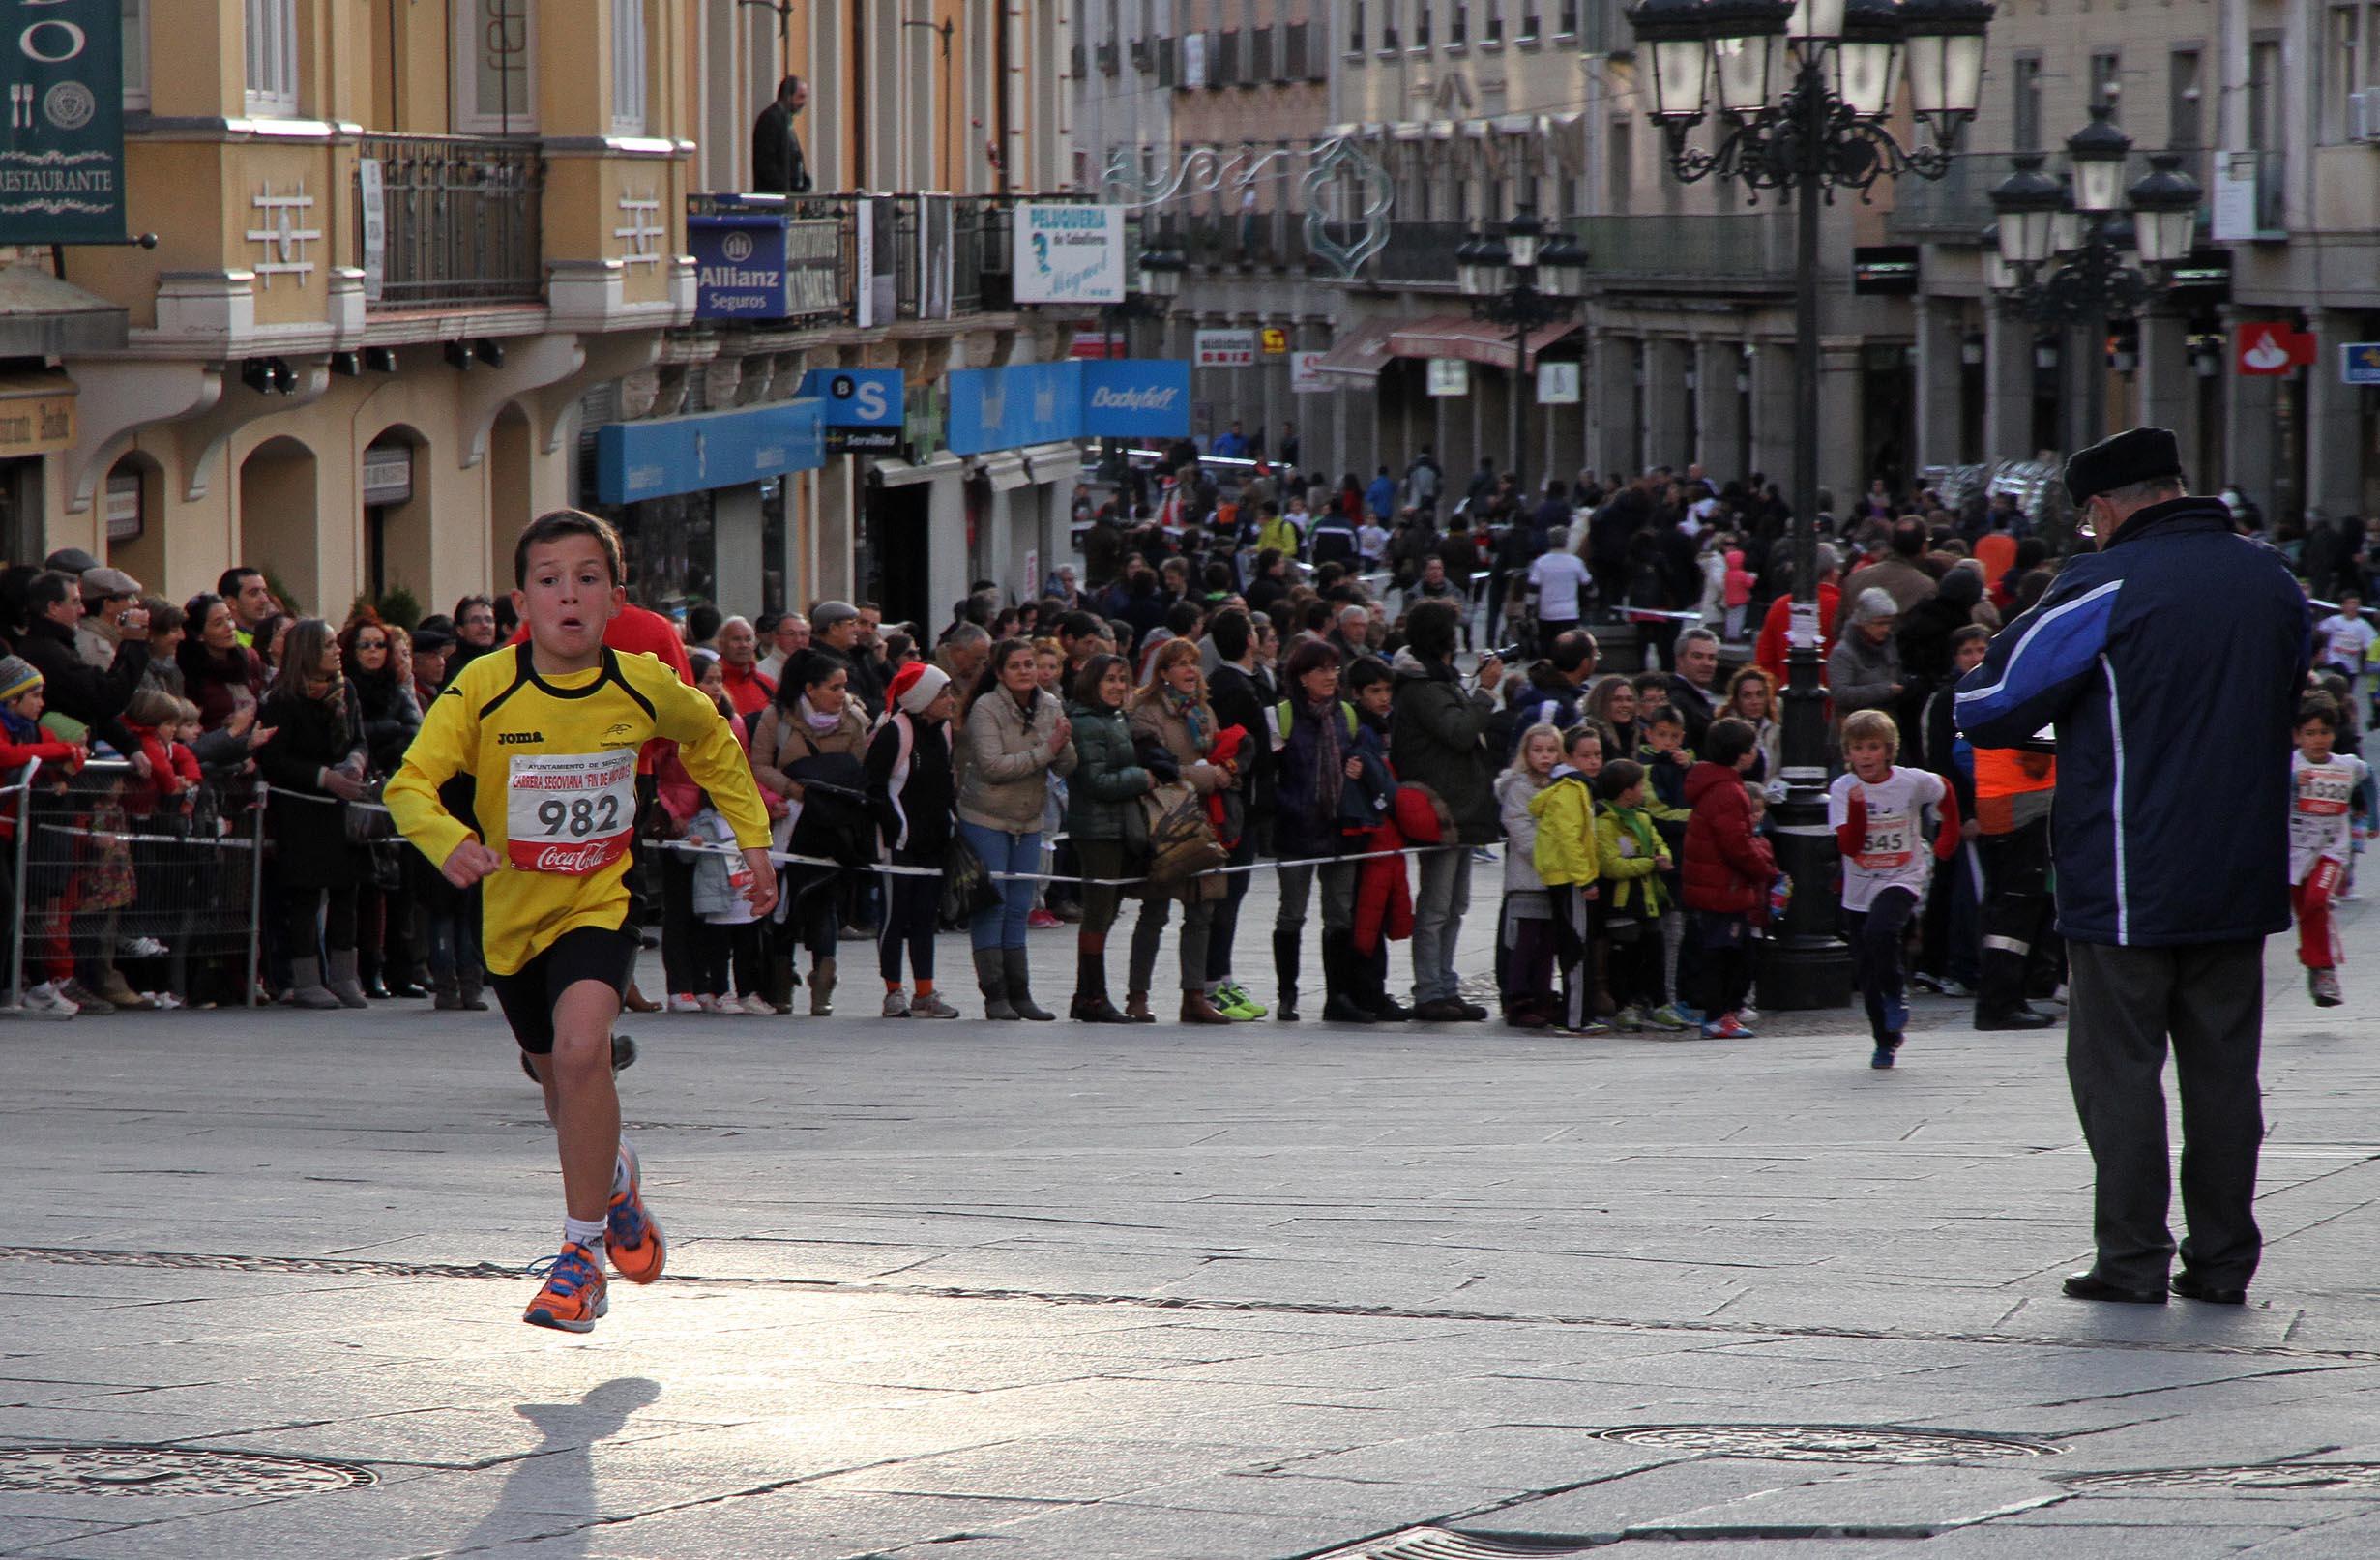 Carrera de Fin de Año en Segovia (1/4)